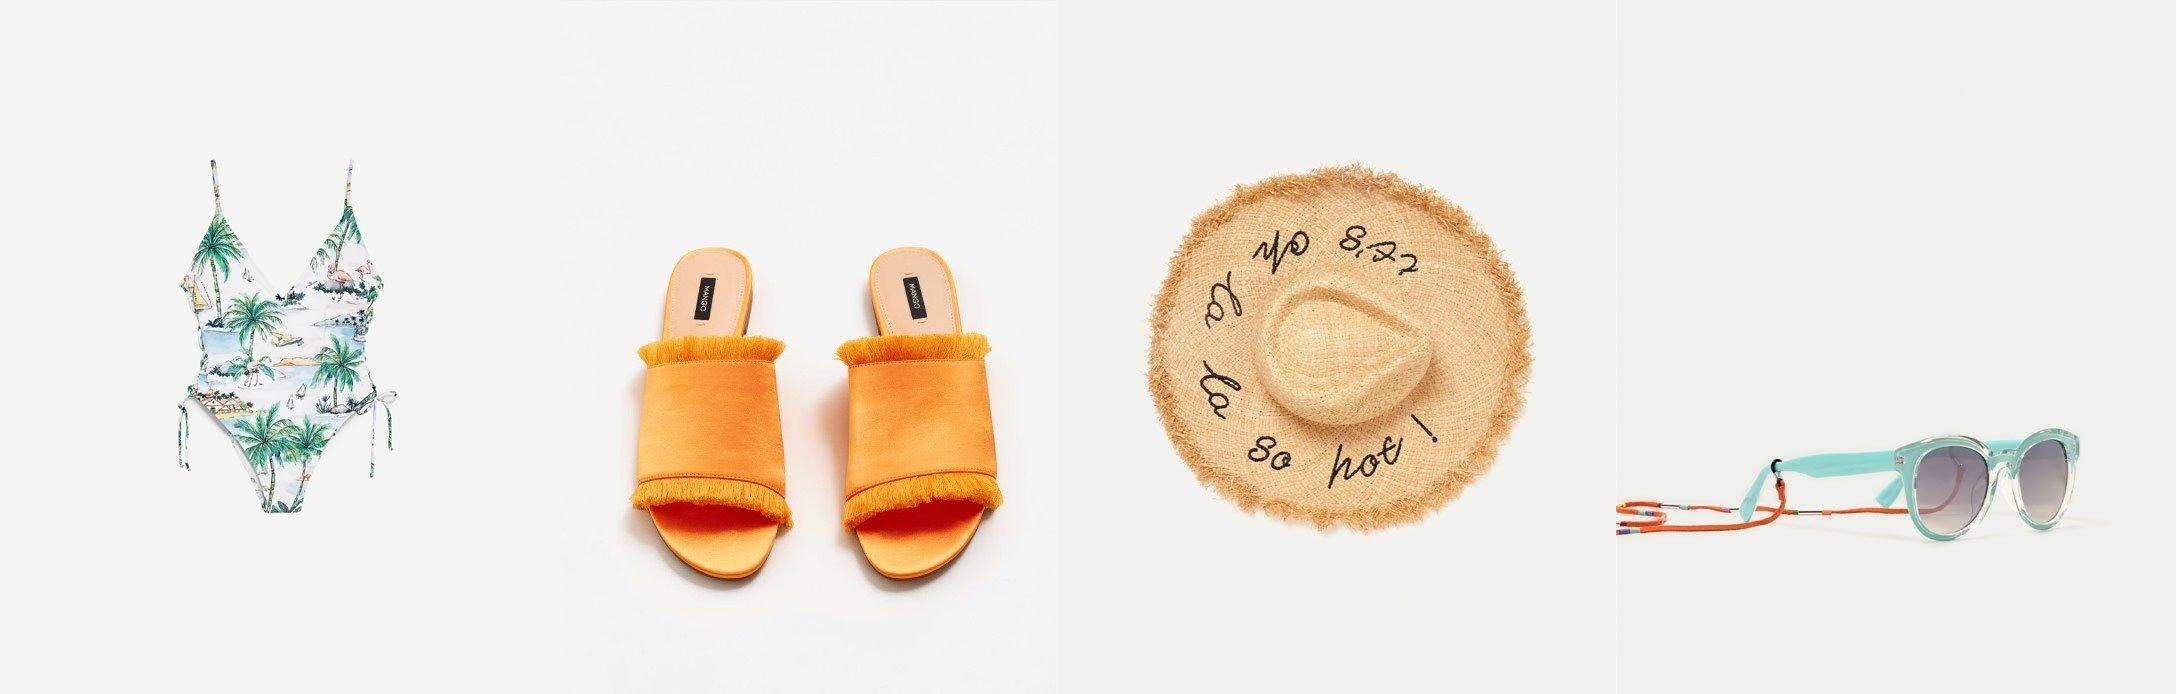 falda-denim-como-combinarla-por-el-dia-looks-verano